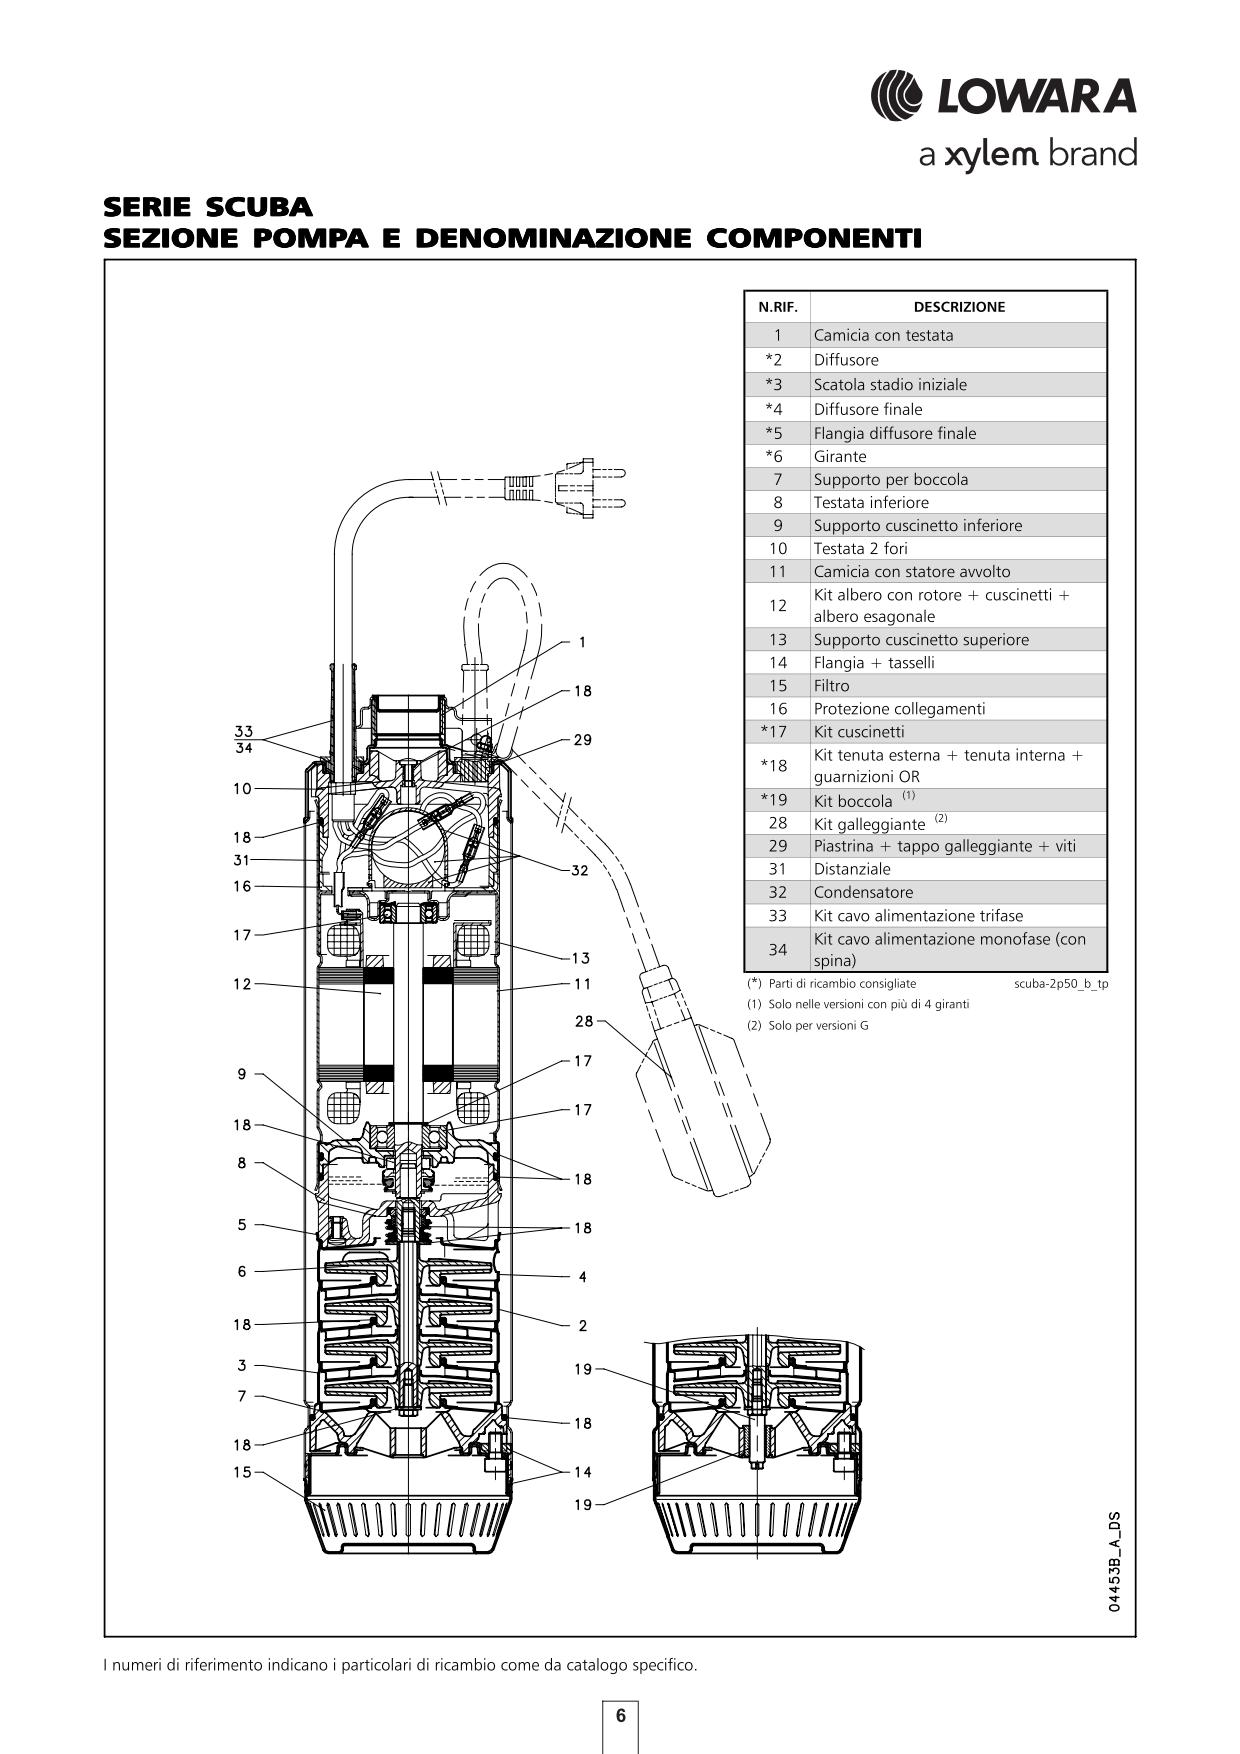 Pompa Lowara SCUBA SC207C